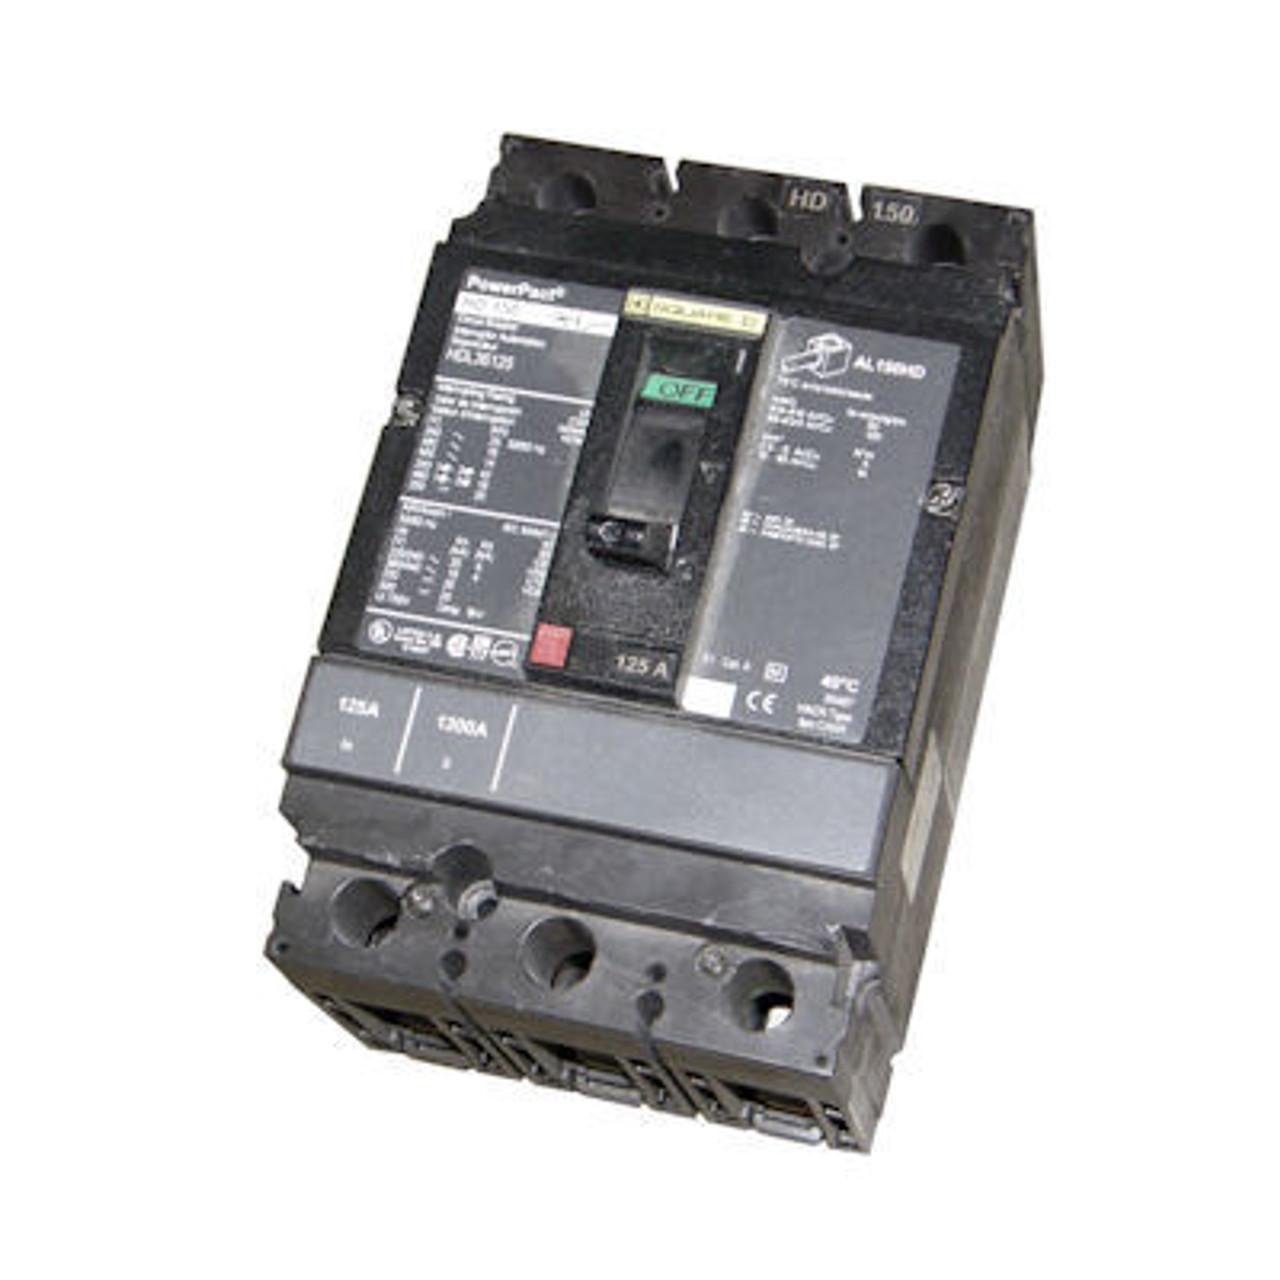 Square D HGL36125 3 Pole 125 Amp 600VAC 35K MC Circuit Breaker - Used